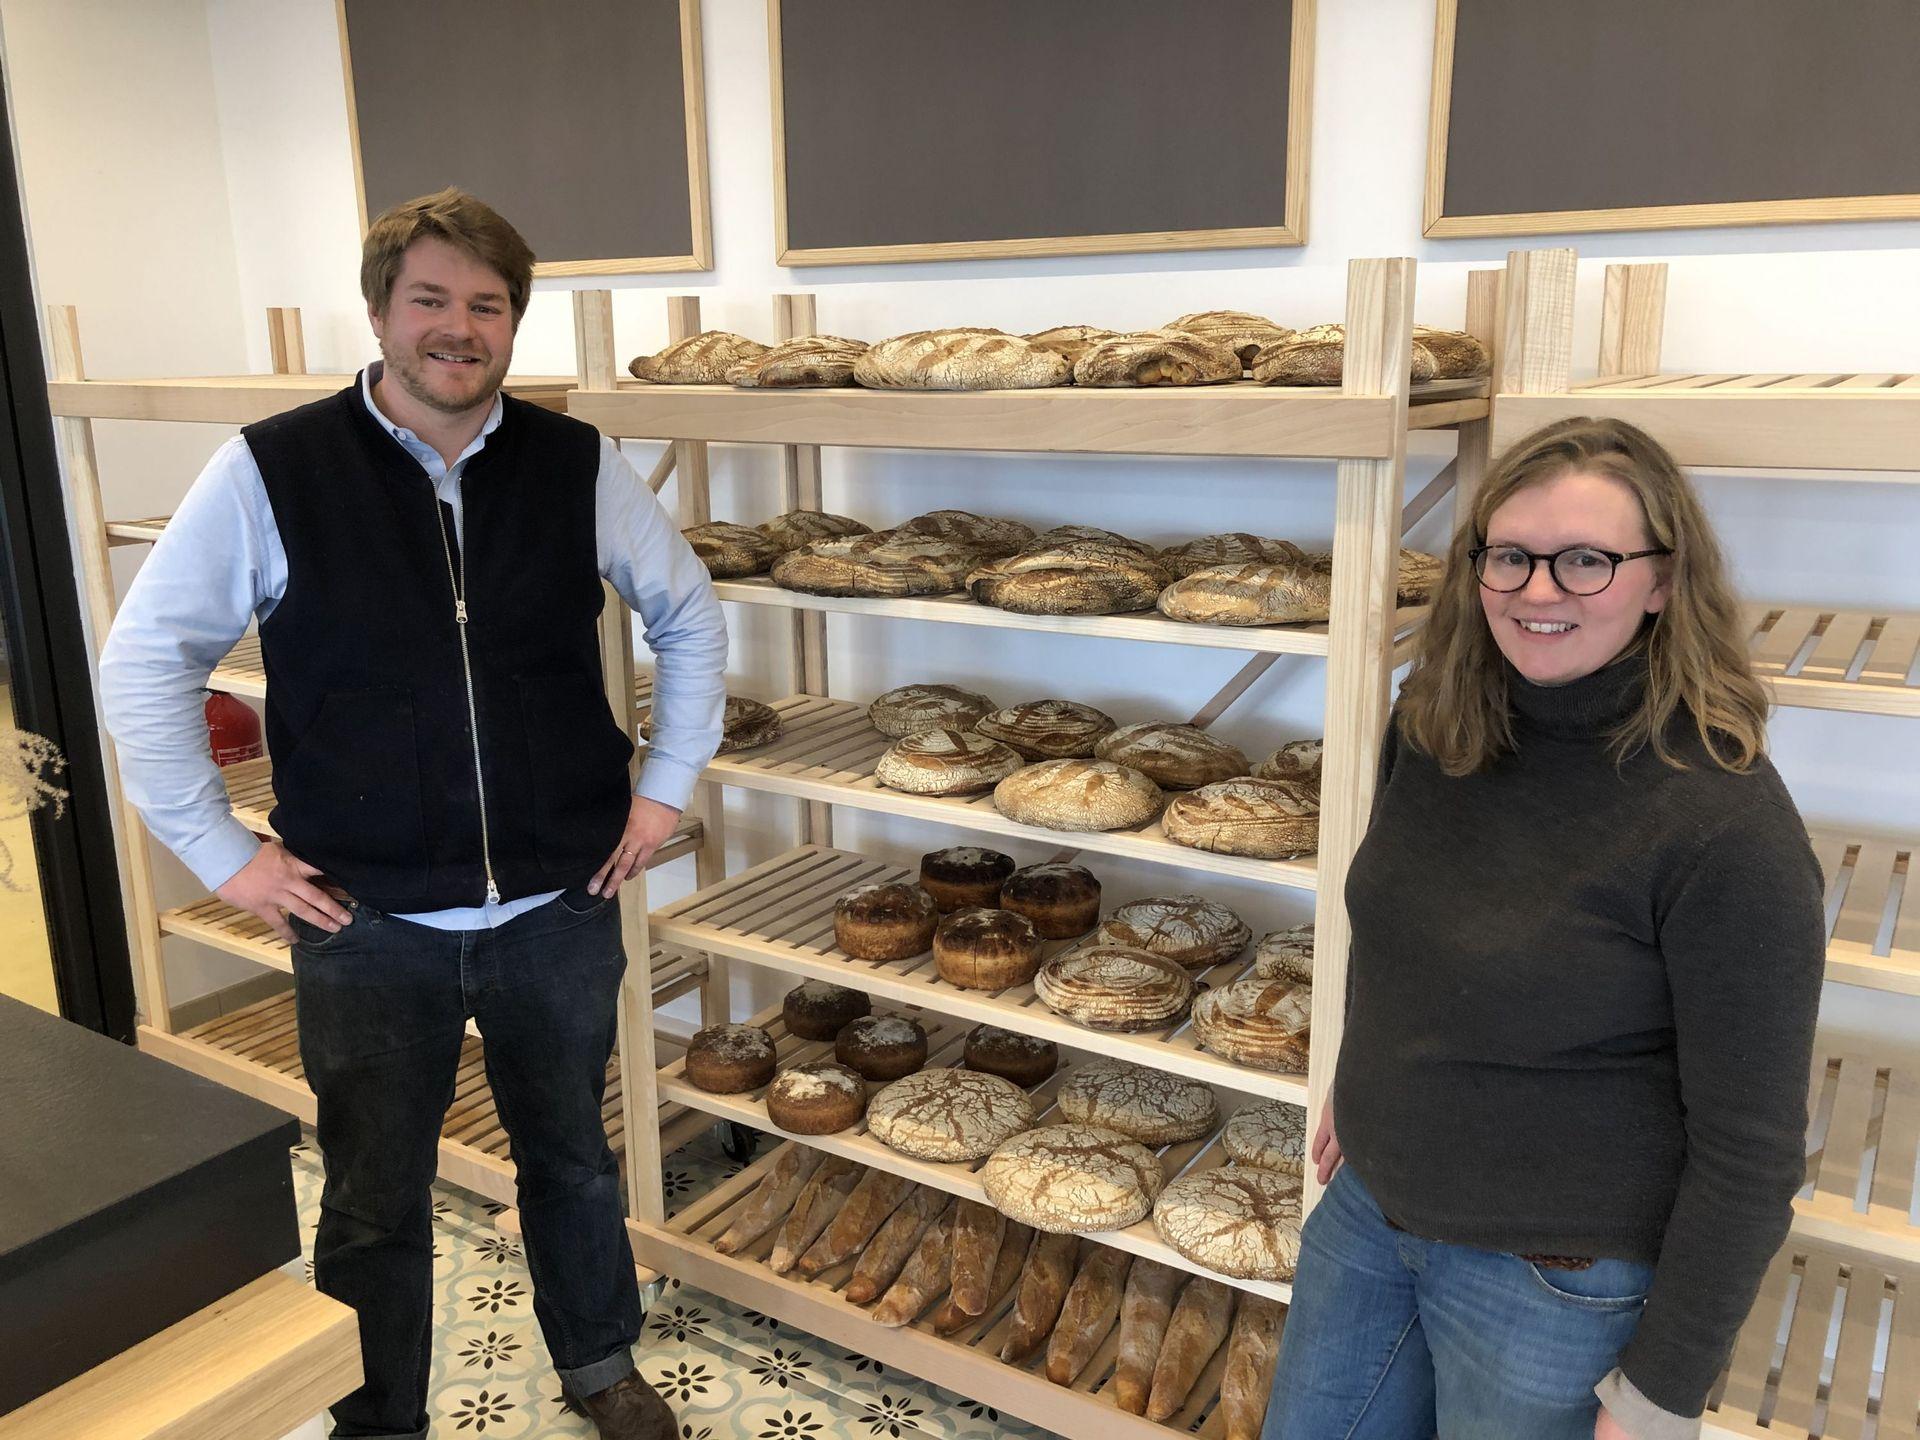 Du producteur au consommateur : deux agriculteurs lancent une boulangerie bio à Wanze (Boulangépicerie Champain)